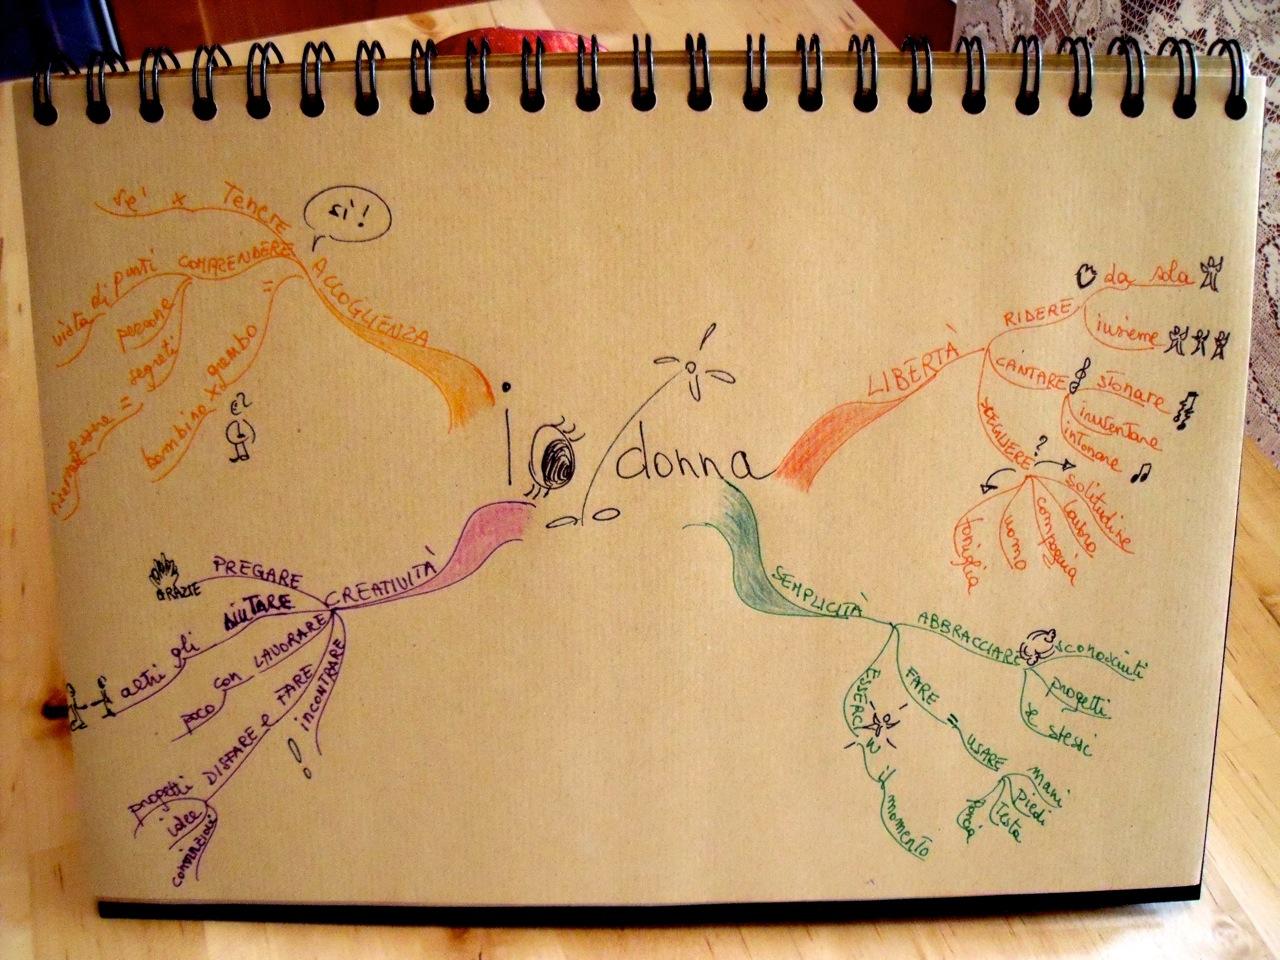 Mappe mentali blog io donna dalla mappa alla tela for Disegnare una piantina